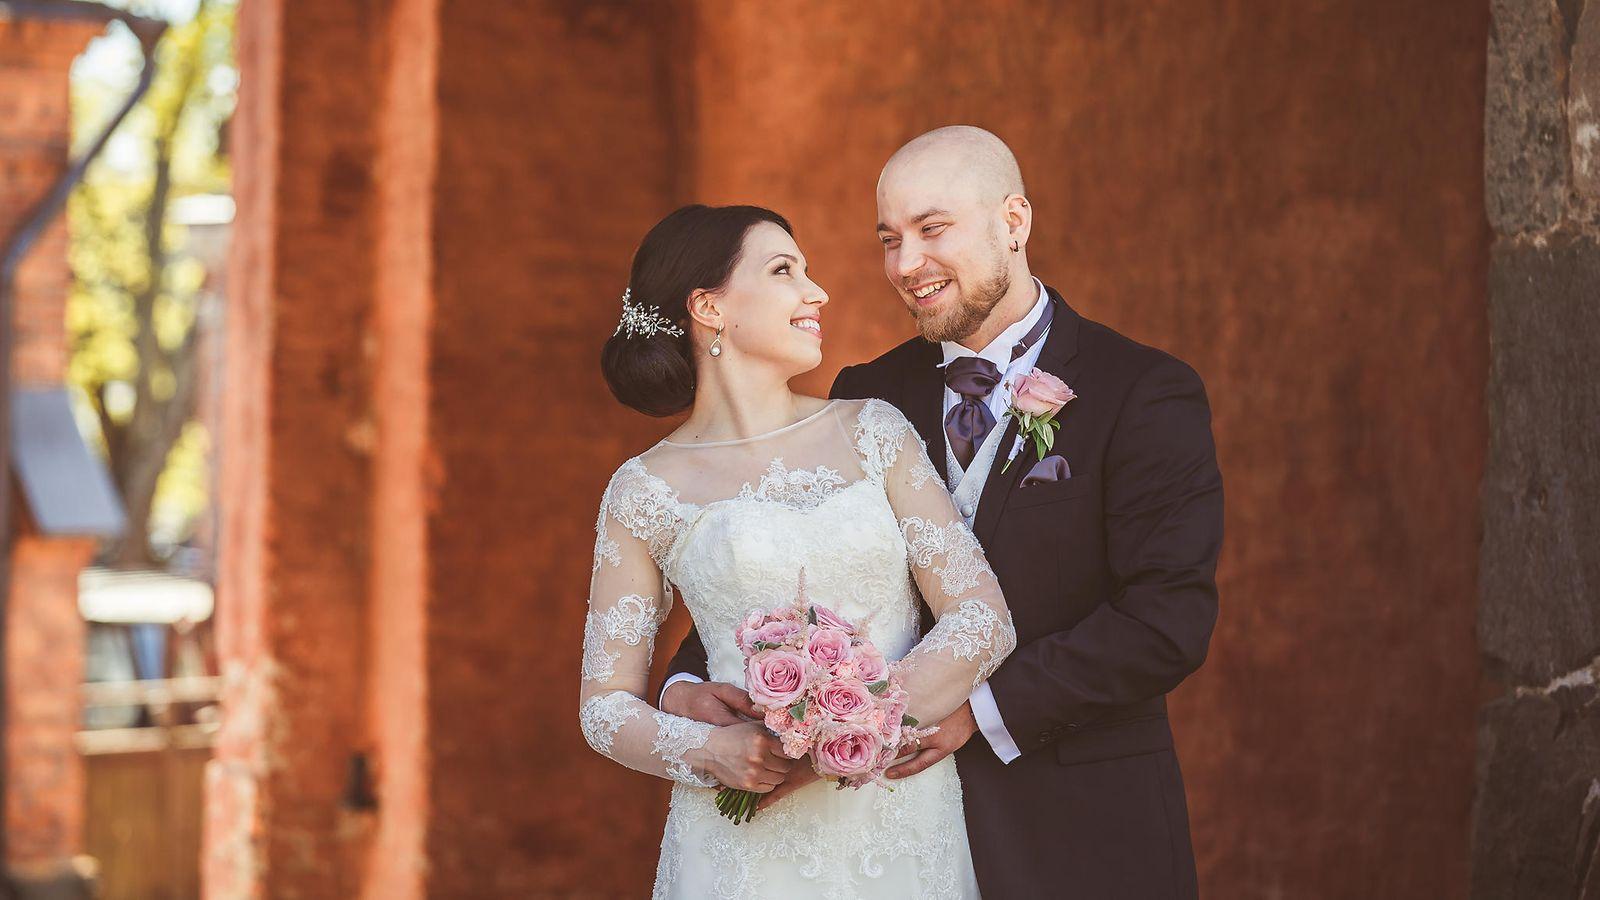 Nyt se on virallista – Ensitreffien Aliisa ja Esa jättivät avioerohakemuksen - Ensitreffit ...